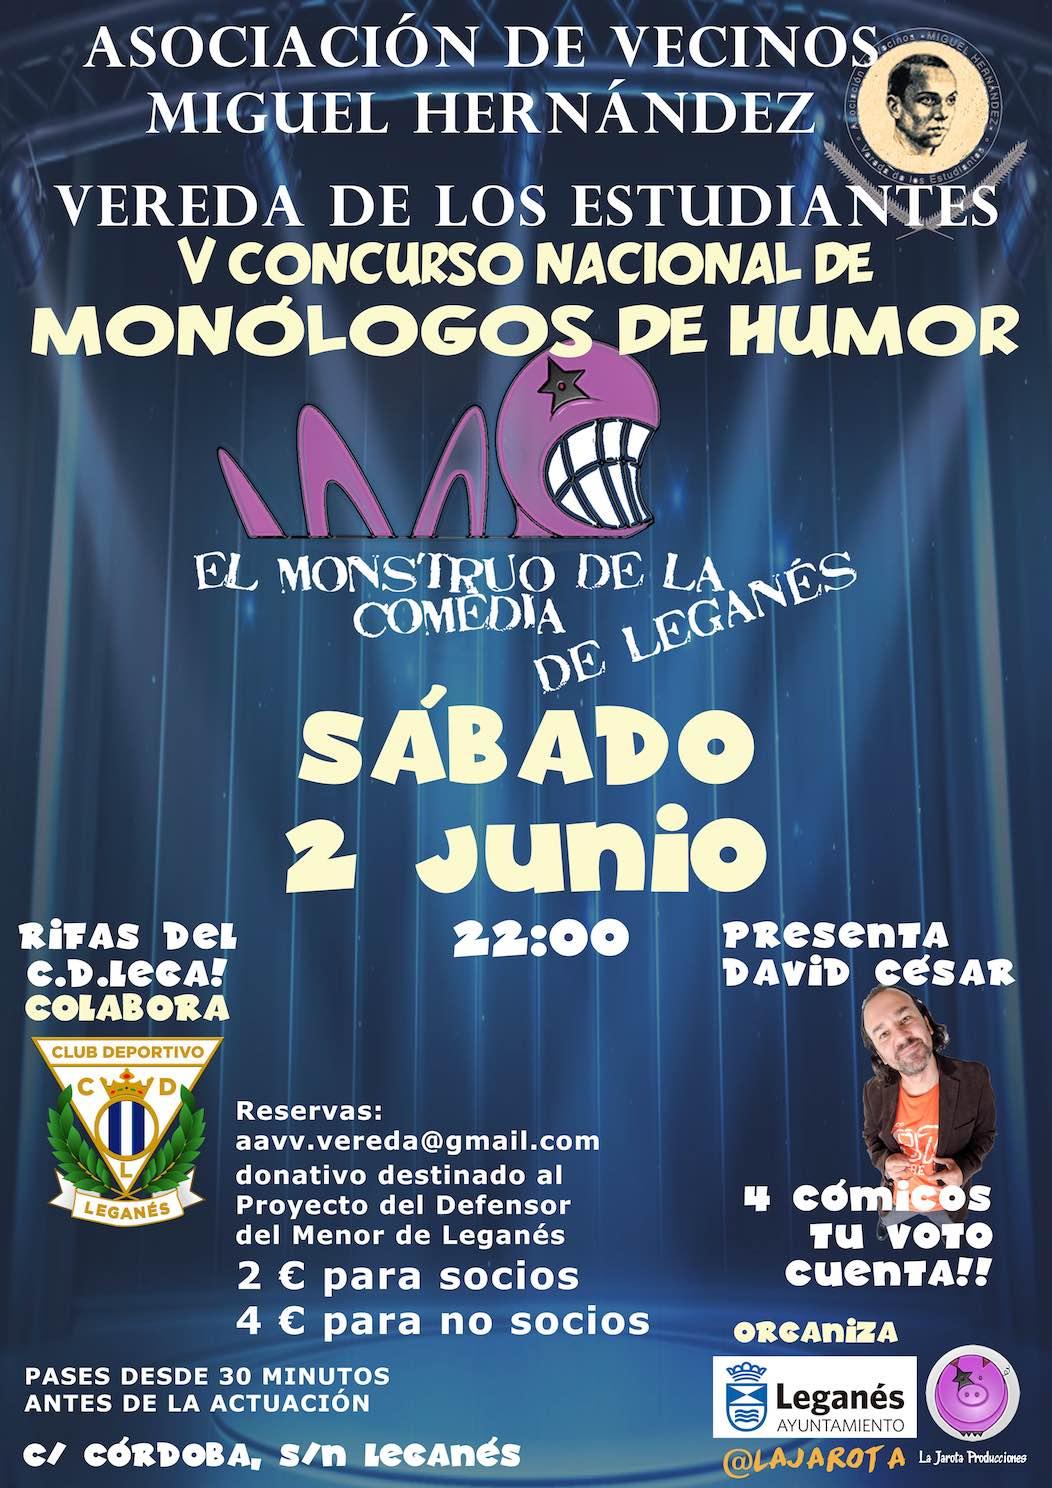 El Monstruo de la Comedia de Leganés - V ¡Cuarta Semifinal!